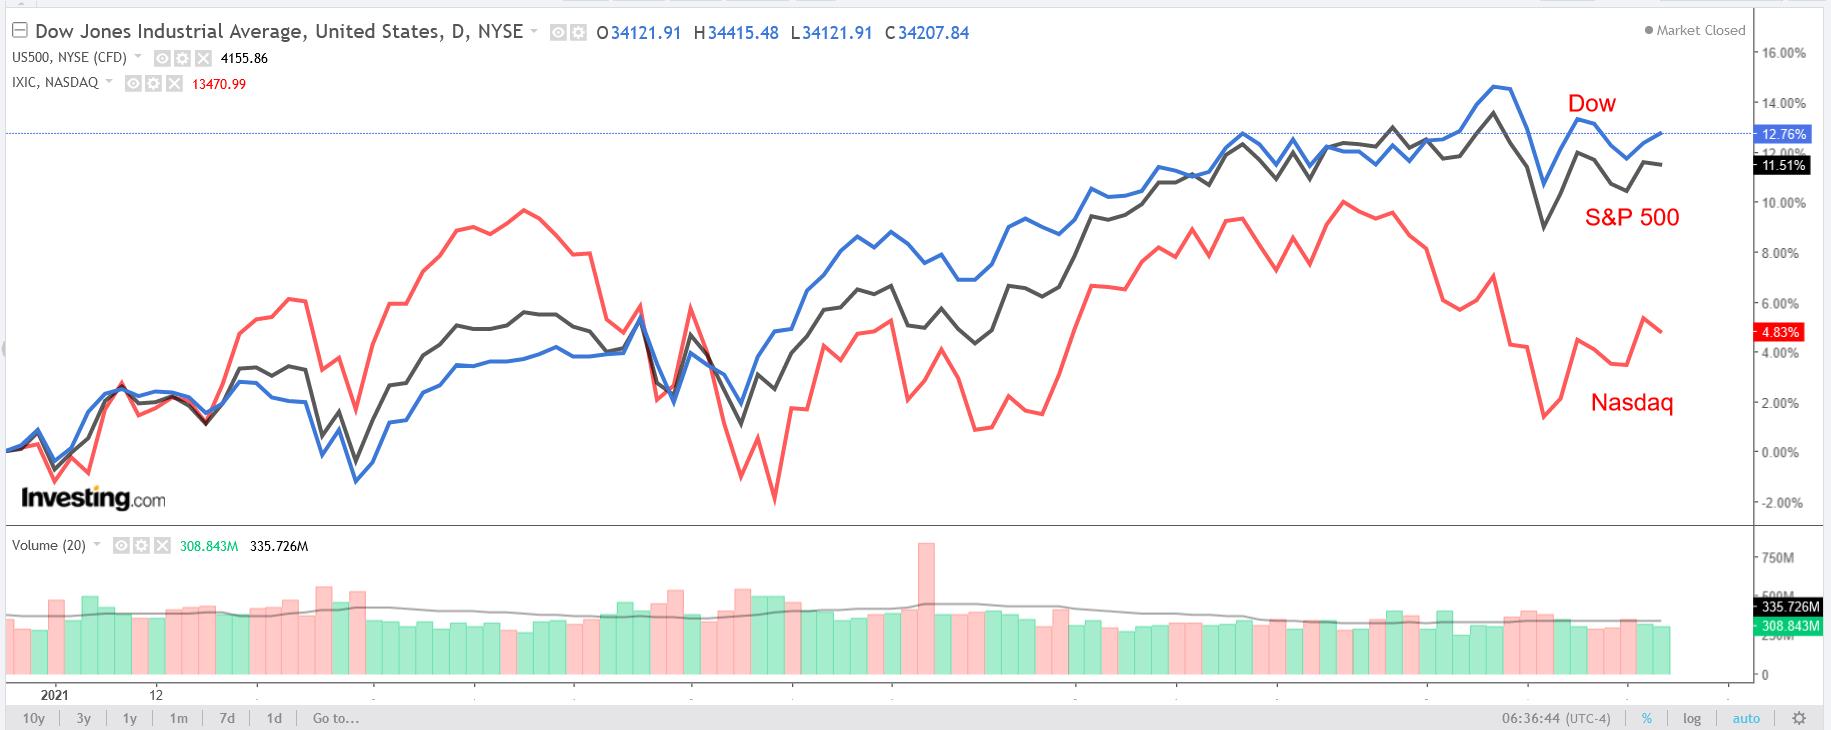 Graphique DOW, S&P 500 et NASDAQ